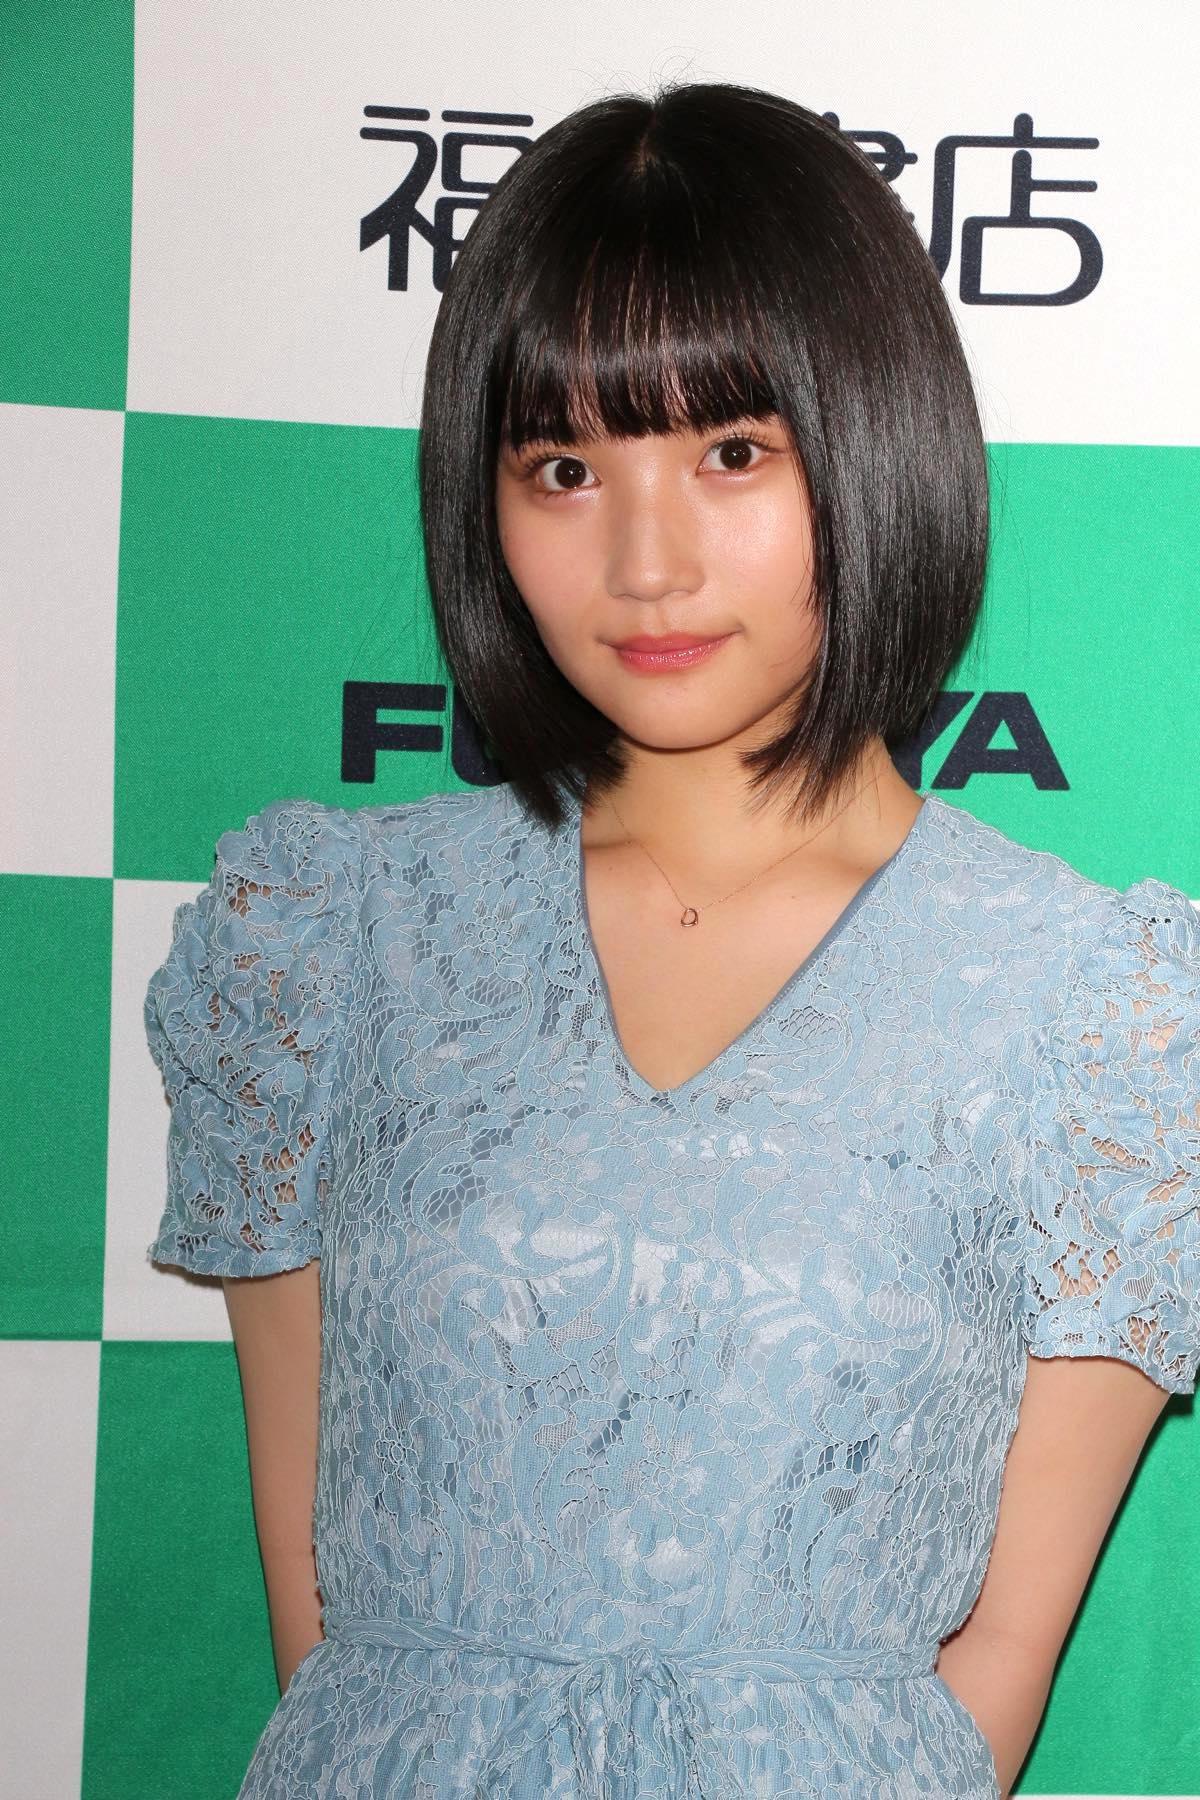 AKB48矢作萌夏「頑張っちゃった」1st写真集の見どころは?【写真28枚】の画像005